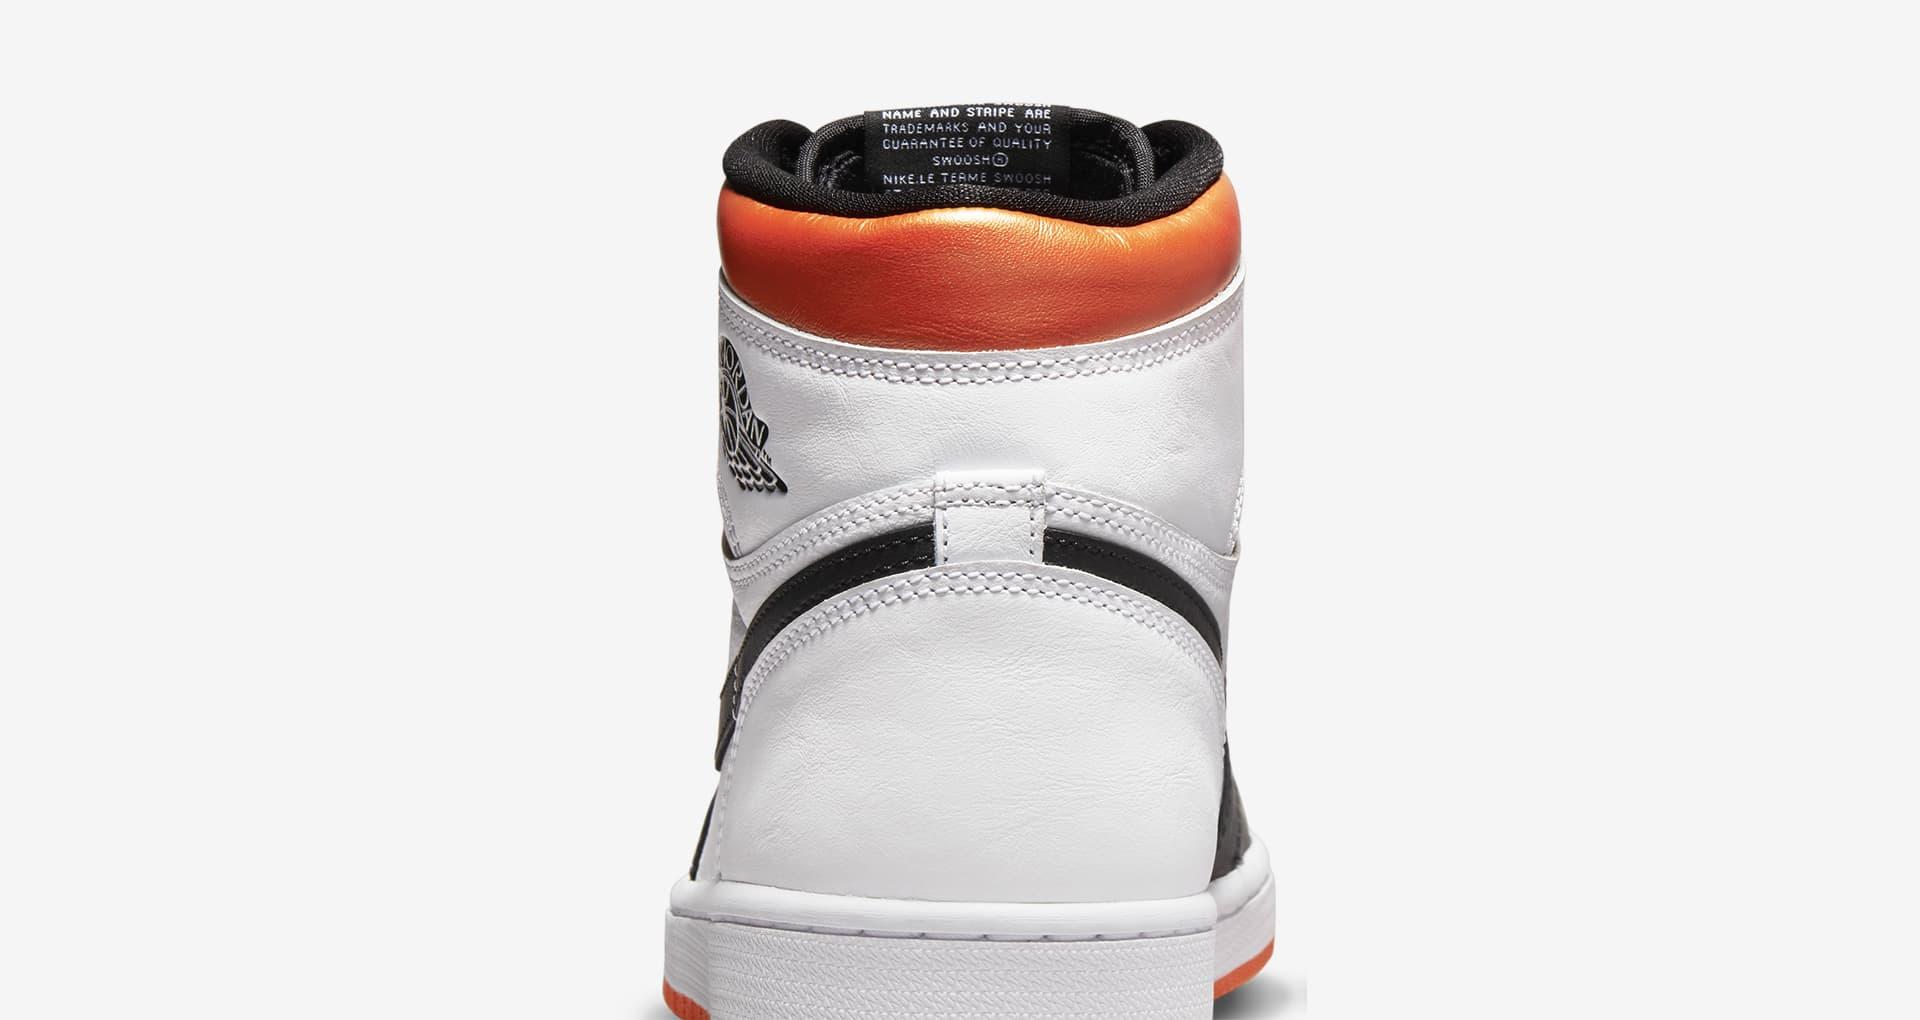 AJ1,Air Jordan 1,发售  「扣碎篮板」主题?!全新 AJ1 官网预告!即将发售!